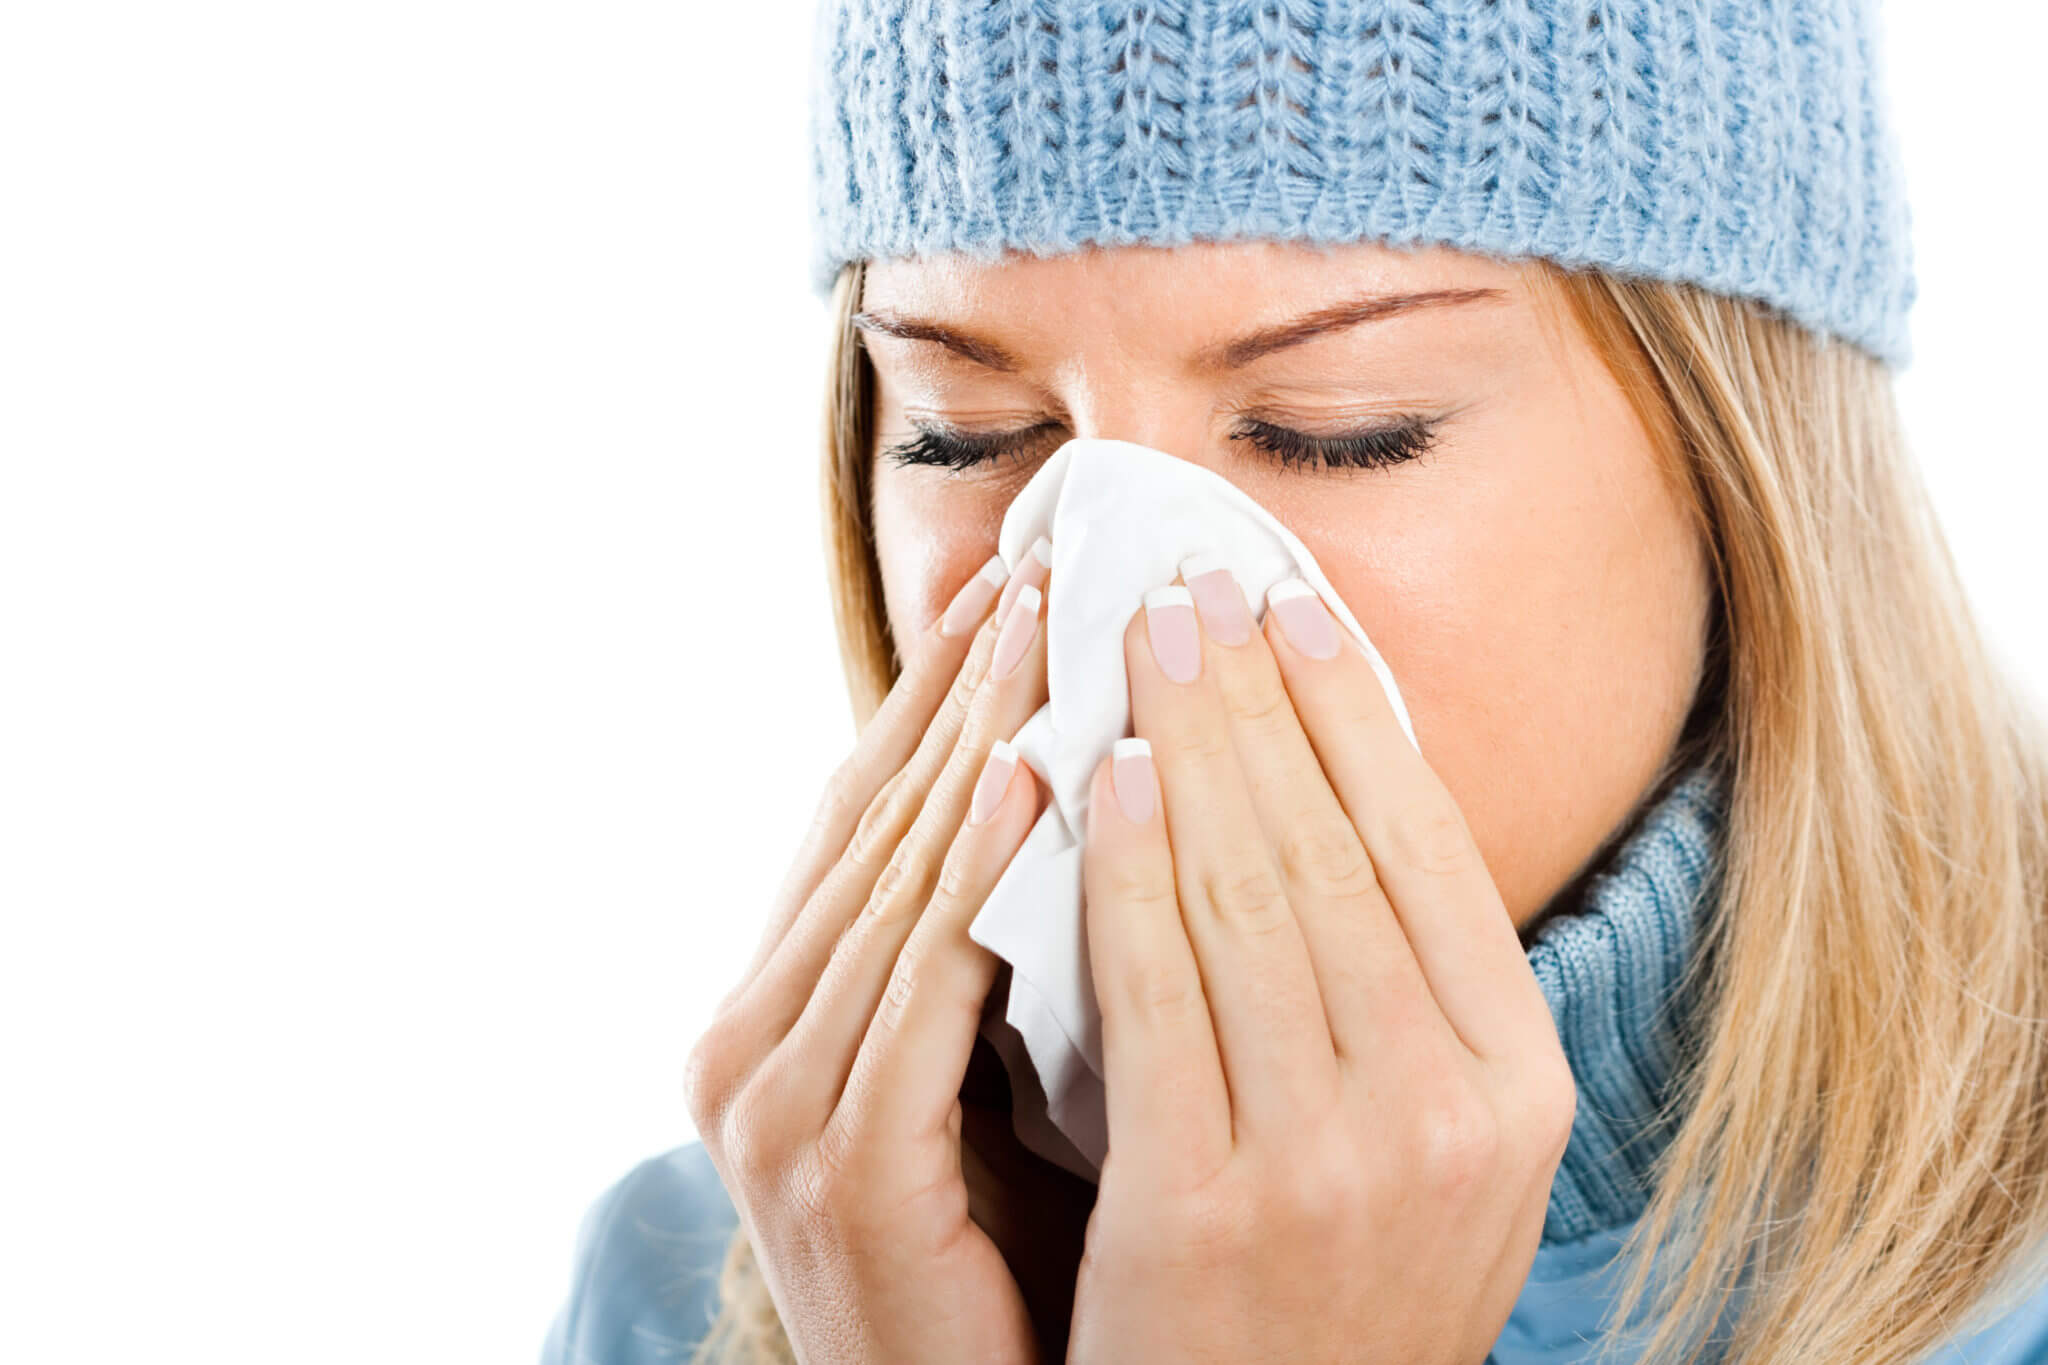 Эффективное лечение насморка — спреи и капли в нос, народные средства и ингаляции